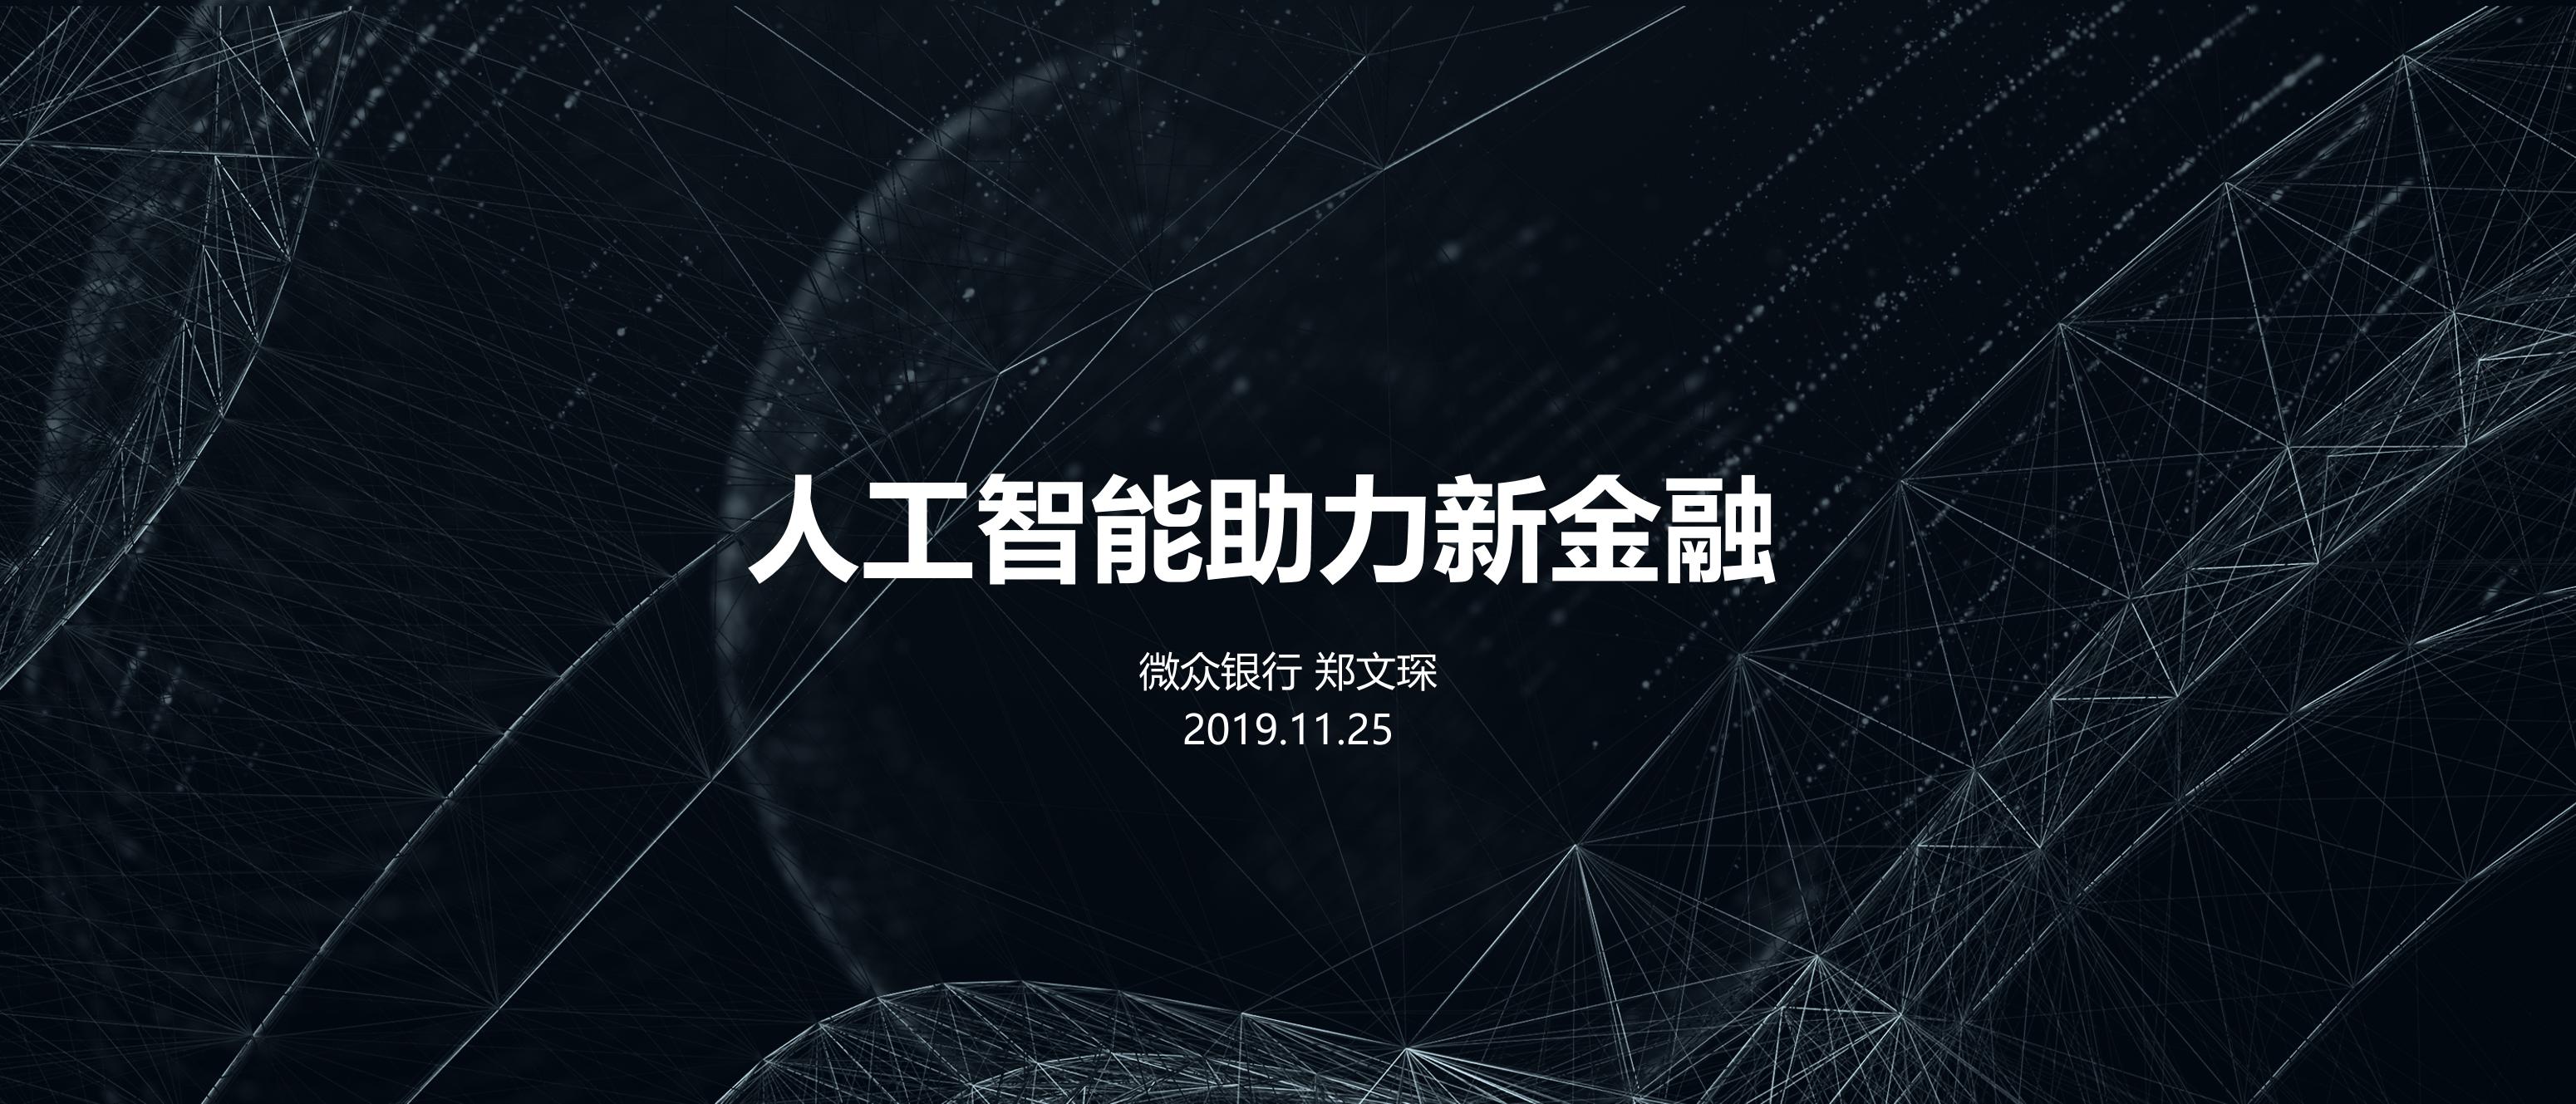 人工智能助力新金融_1575614935172-1